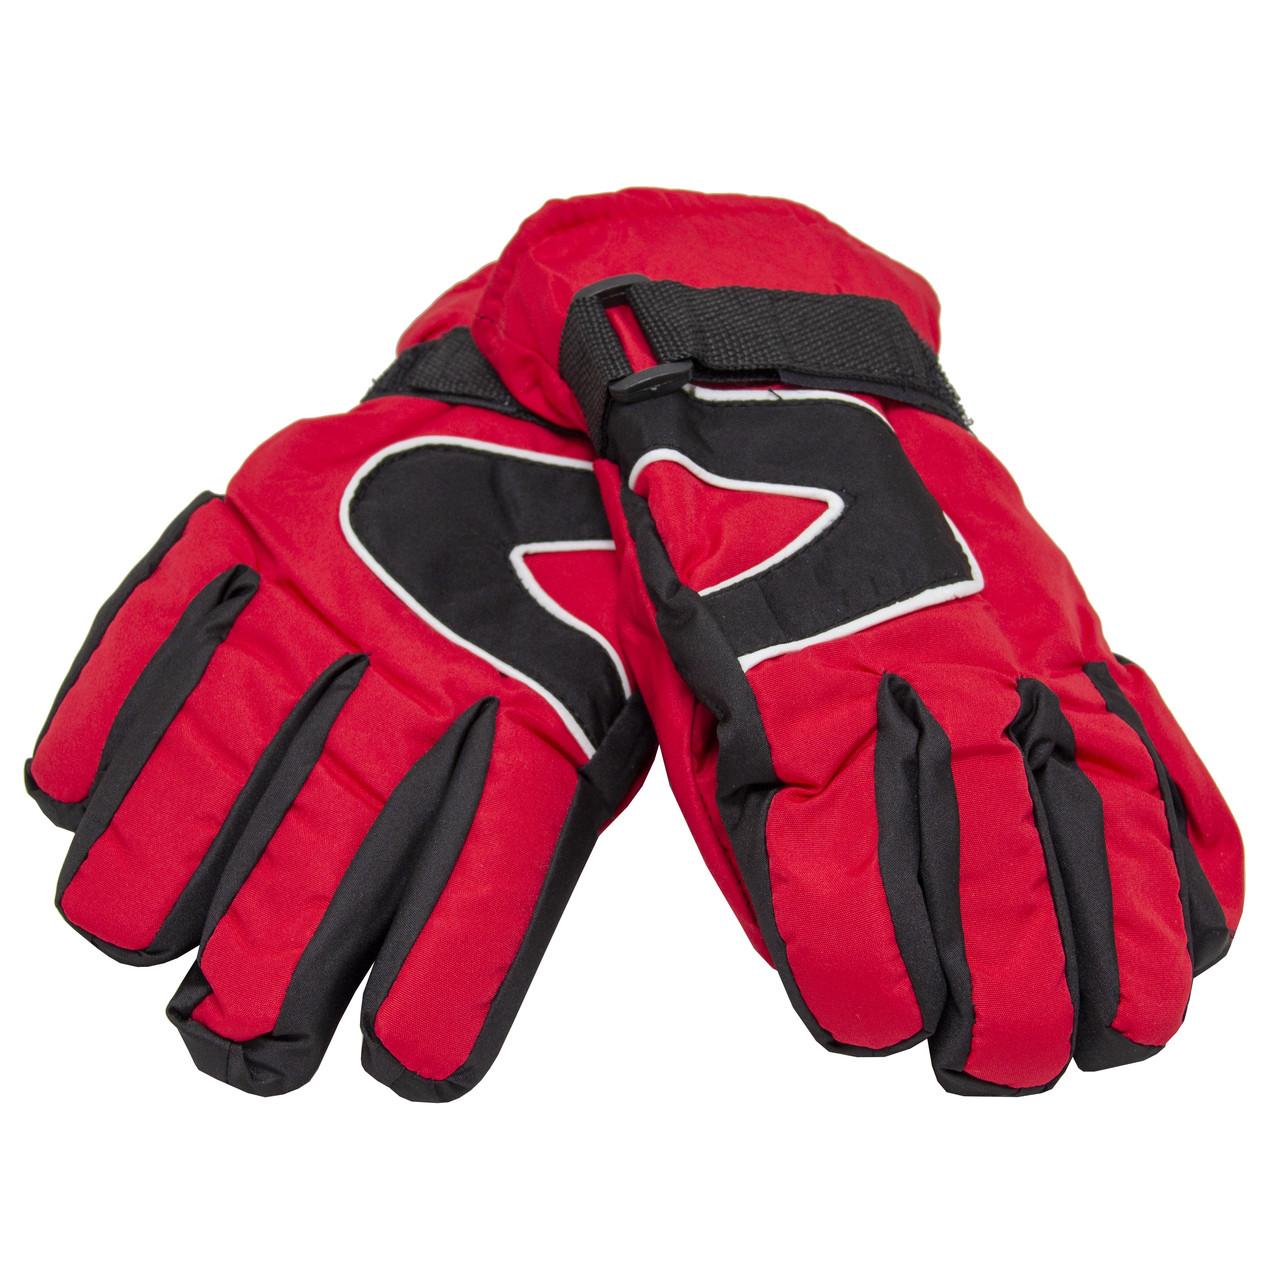 Водовідштовхуючі дитячі лижні рукавички, розмір 13, червоний, плащівка, фліс, синтепон (517090)